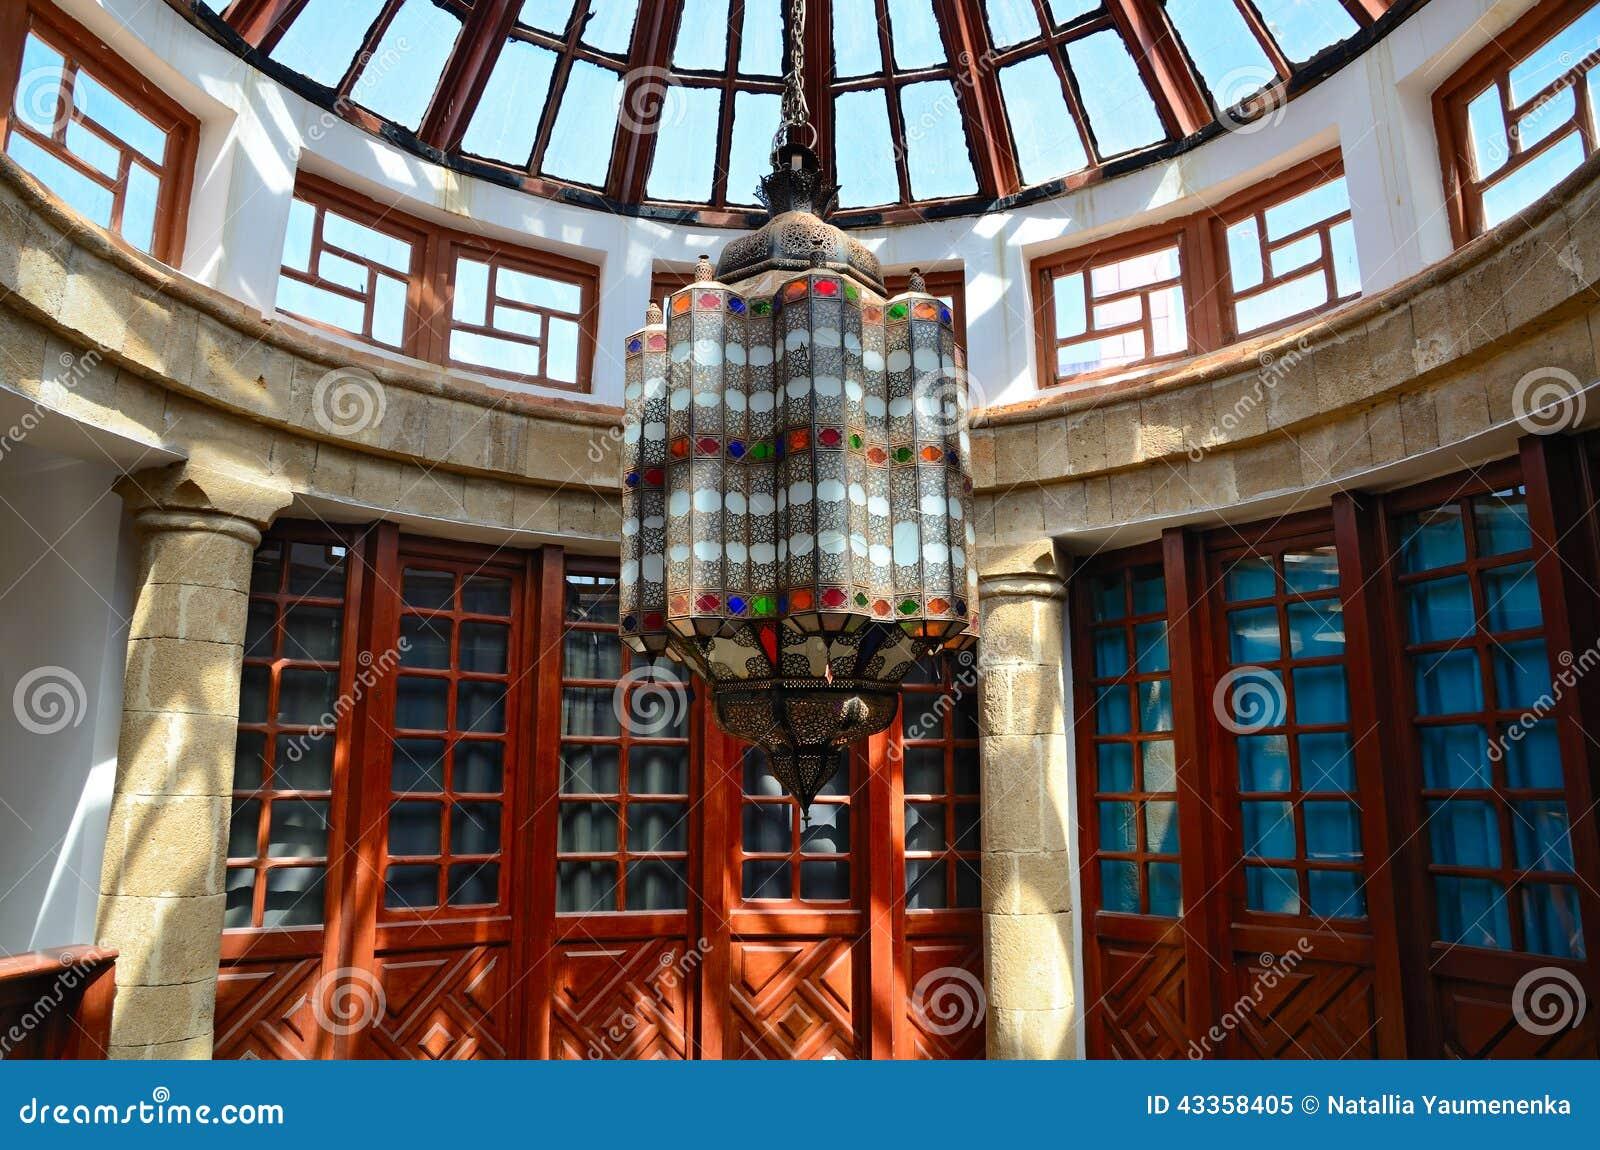 Marokkaanse Lampen Huis : Marokkaanse lamp stock afbeelding. afbeelding bestaande uit